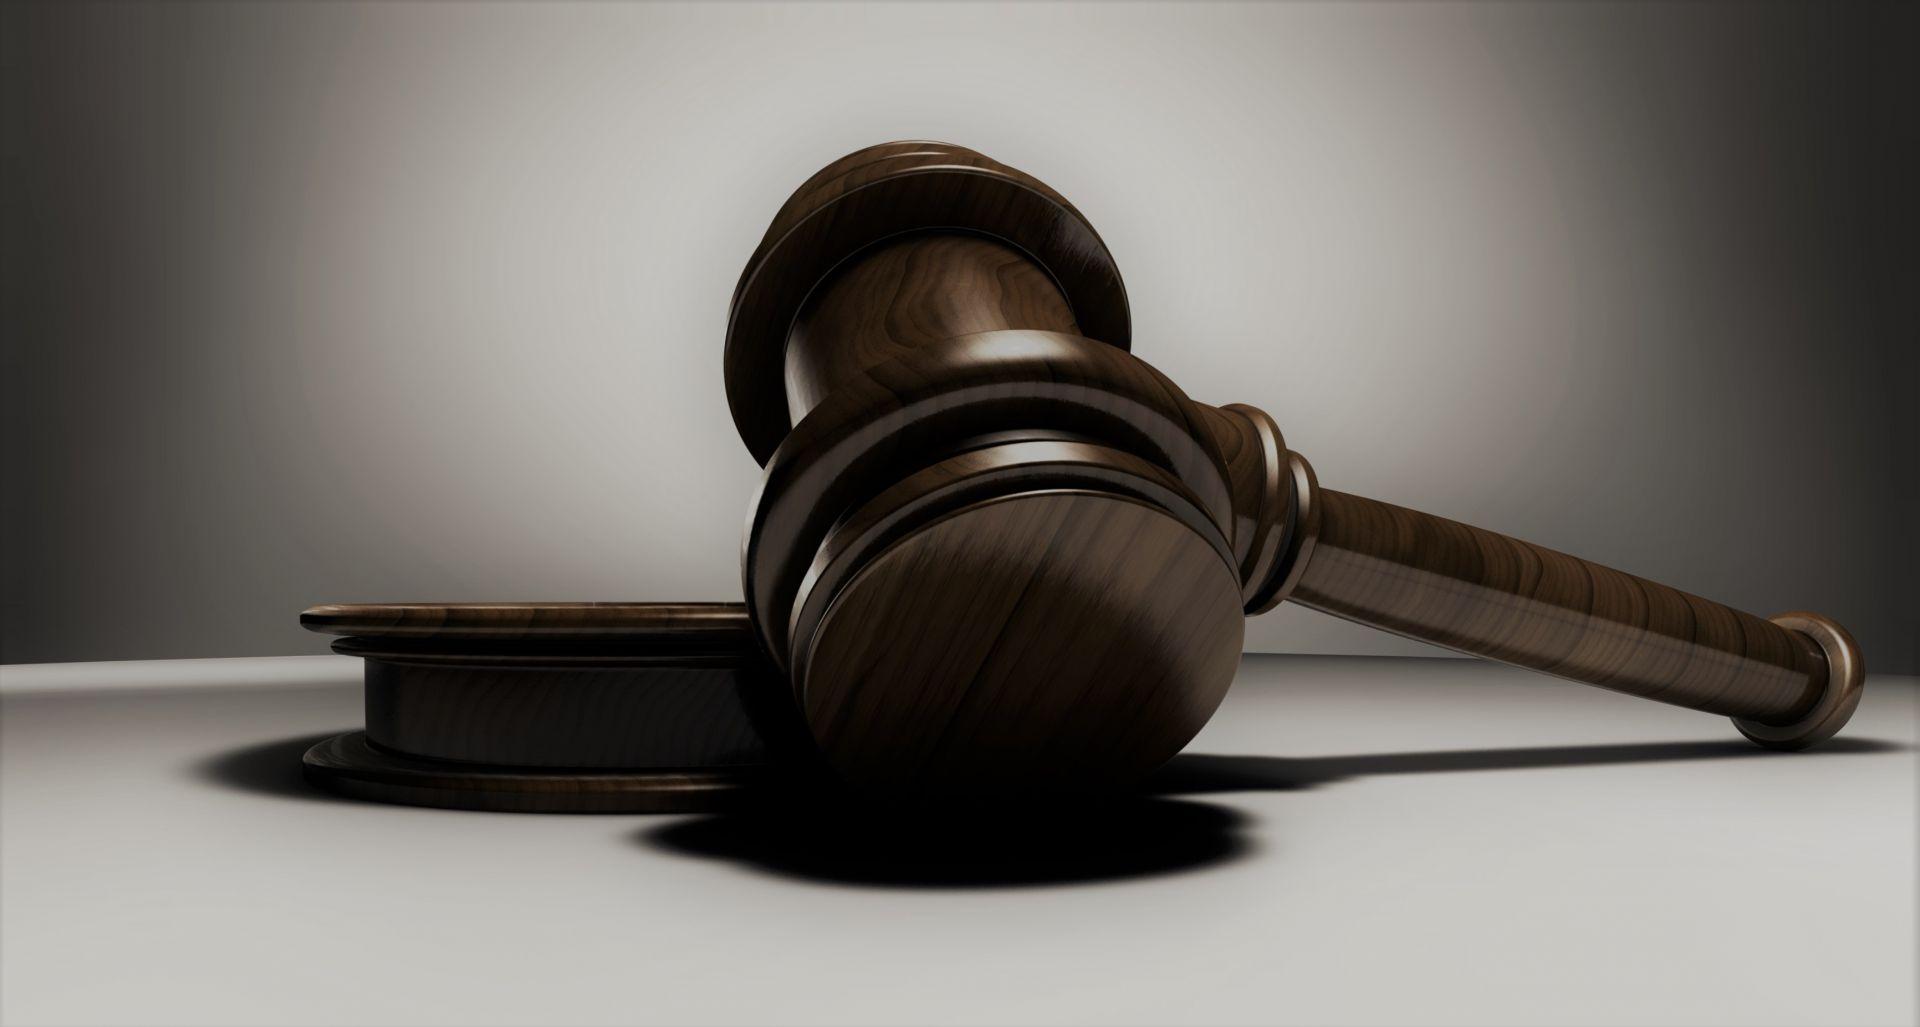 Tuomarin puinen nuija